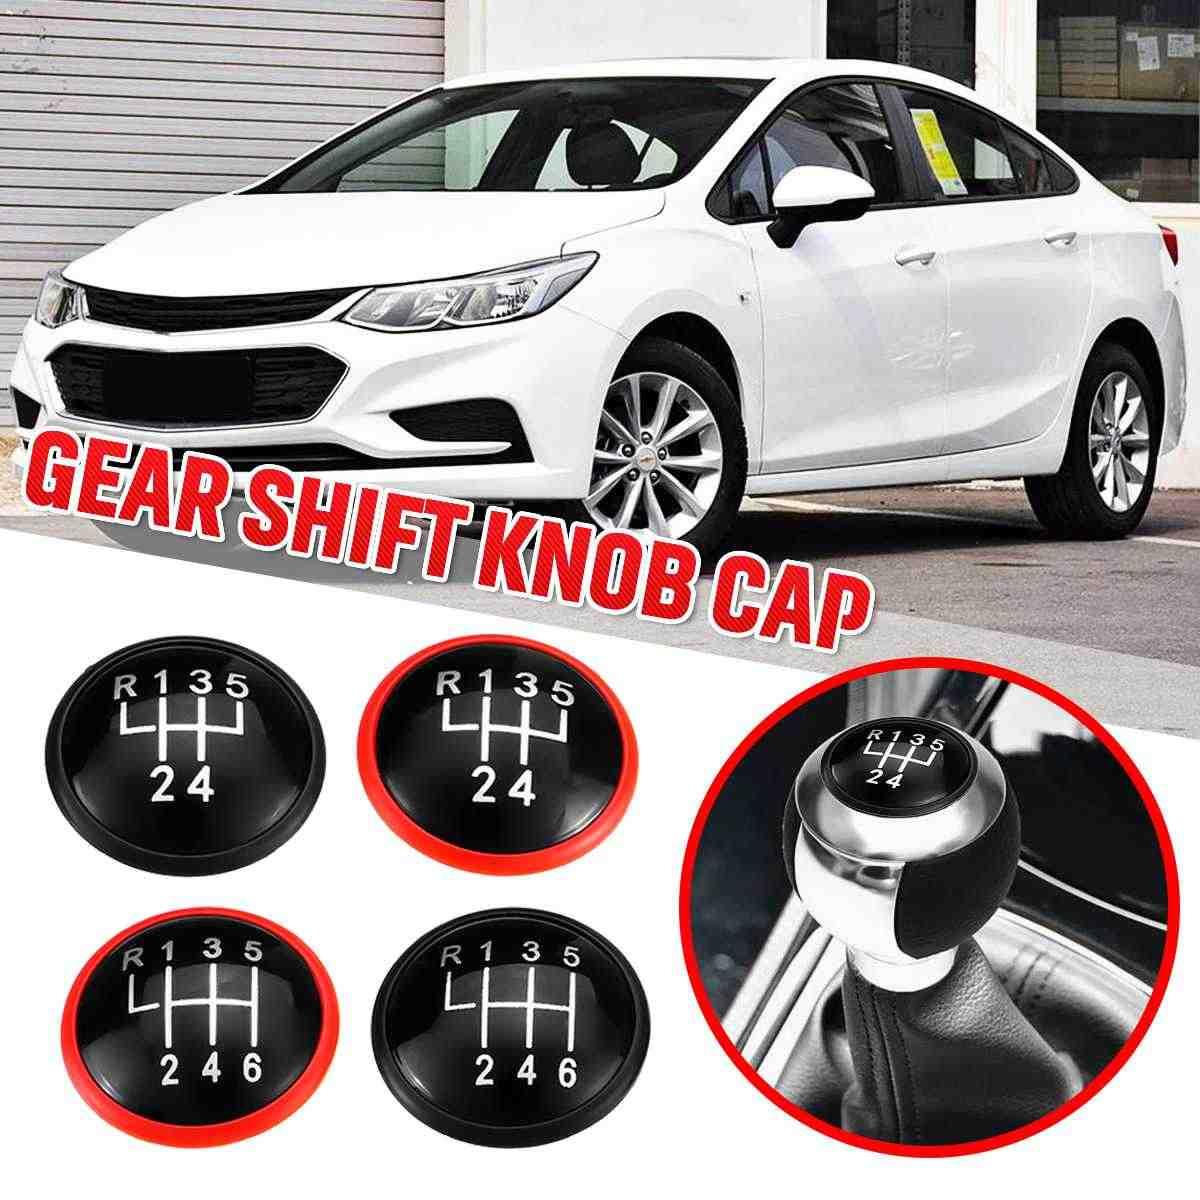 5/6 gałka skrzyni biegów pokrywa dźwignia zmiany biegów gałka górna czapki dla VW MK3 MK4 Golf/Jetta GTI Bora dla seat ibiza Caddy